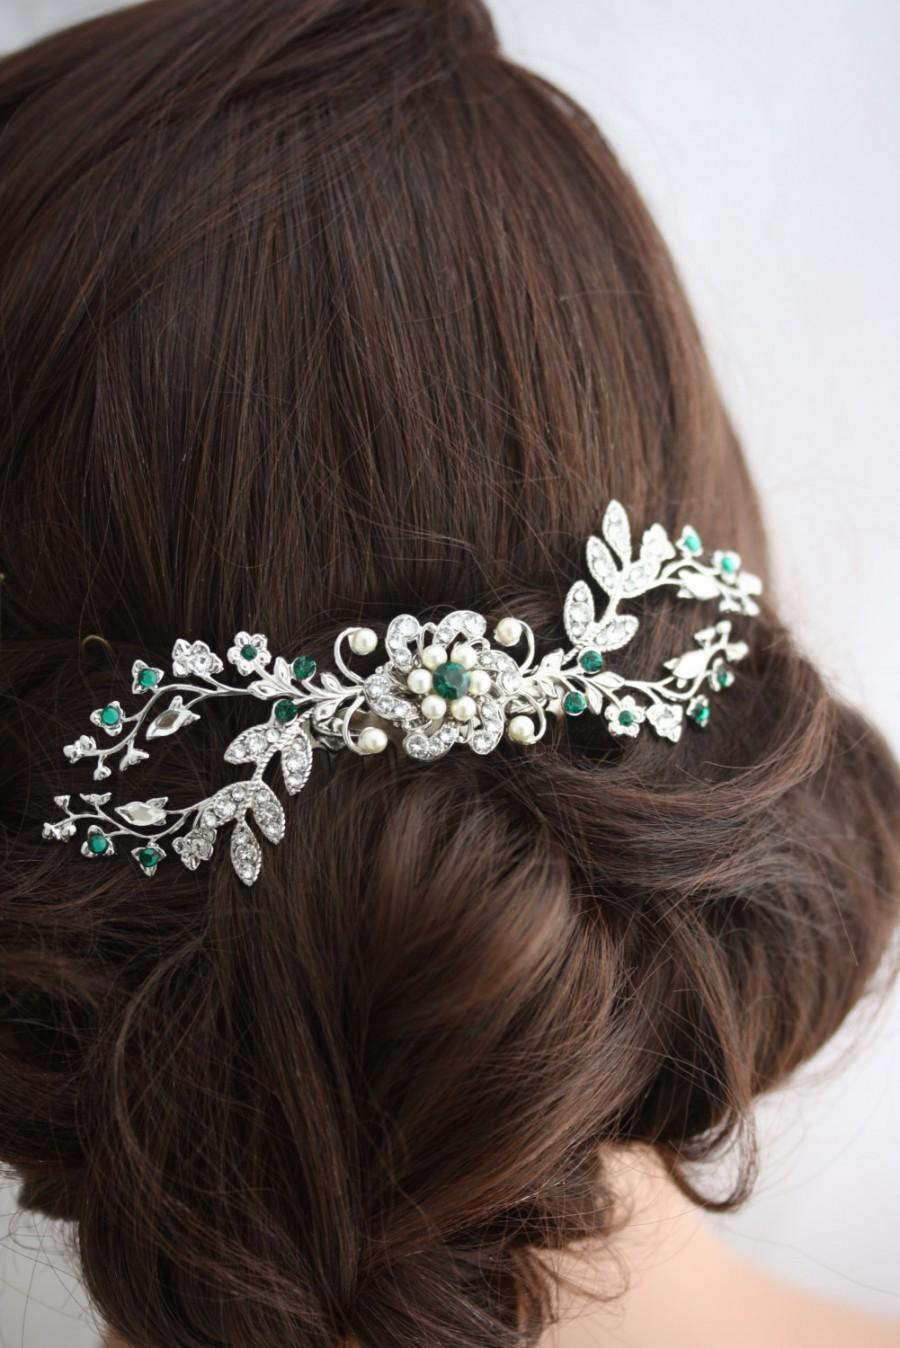 زفاف - Wedding Hair Comb Emerald Green Crystal Bridal Headpiece Vintage Vine Comb Crystal Headpiece Wedding Hair Accessories  SPLENDID SABINE COMB